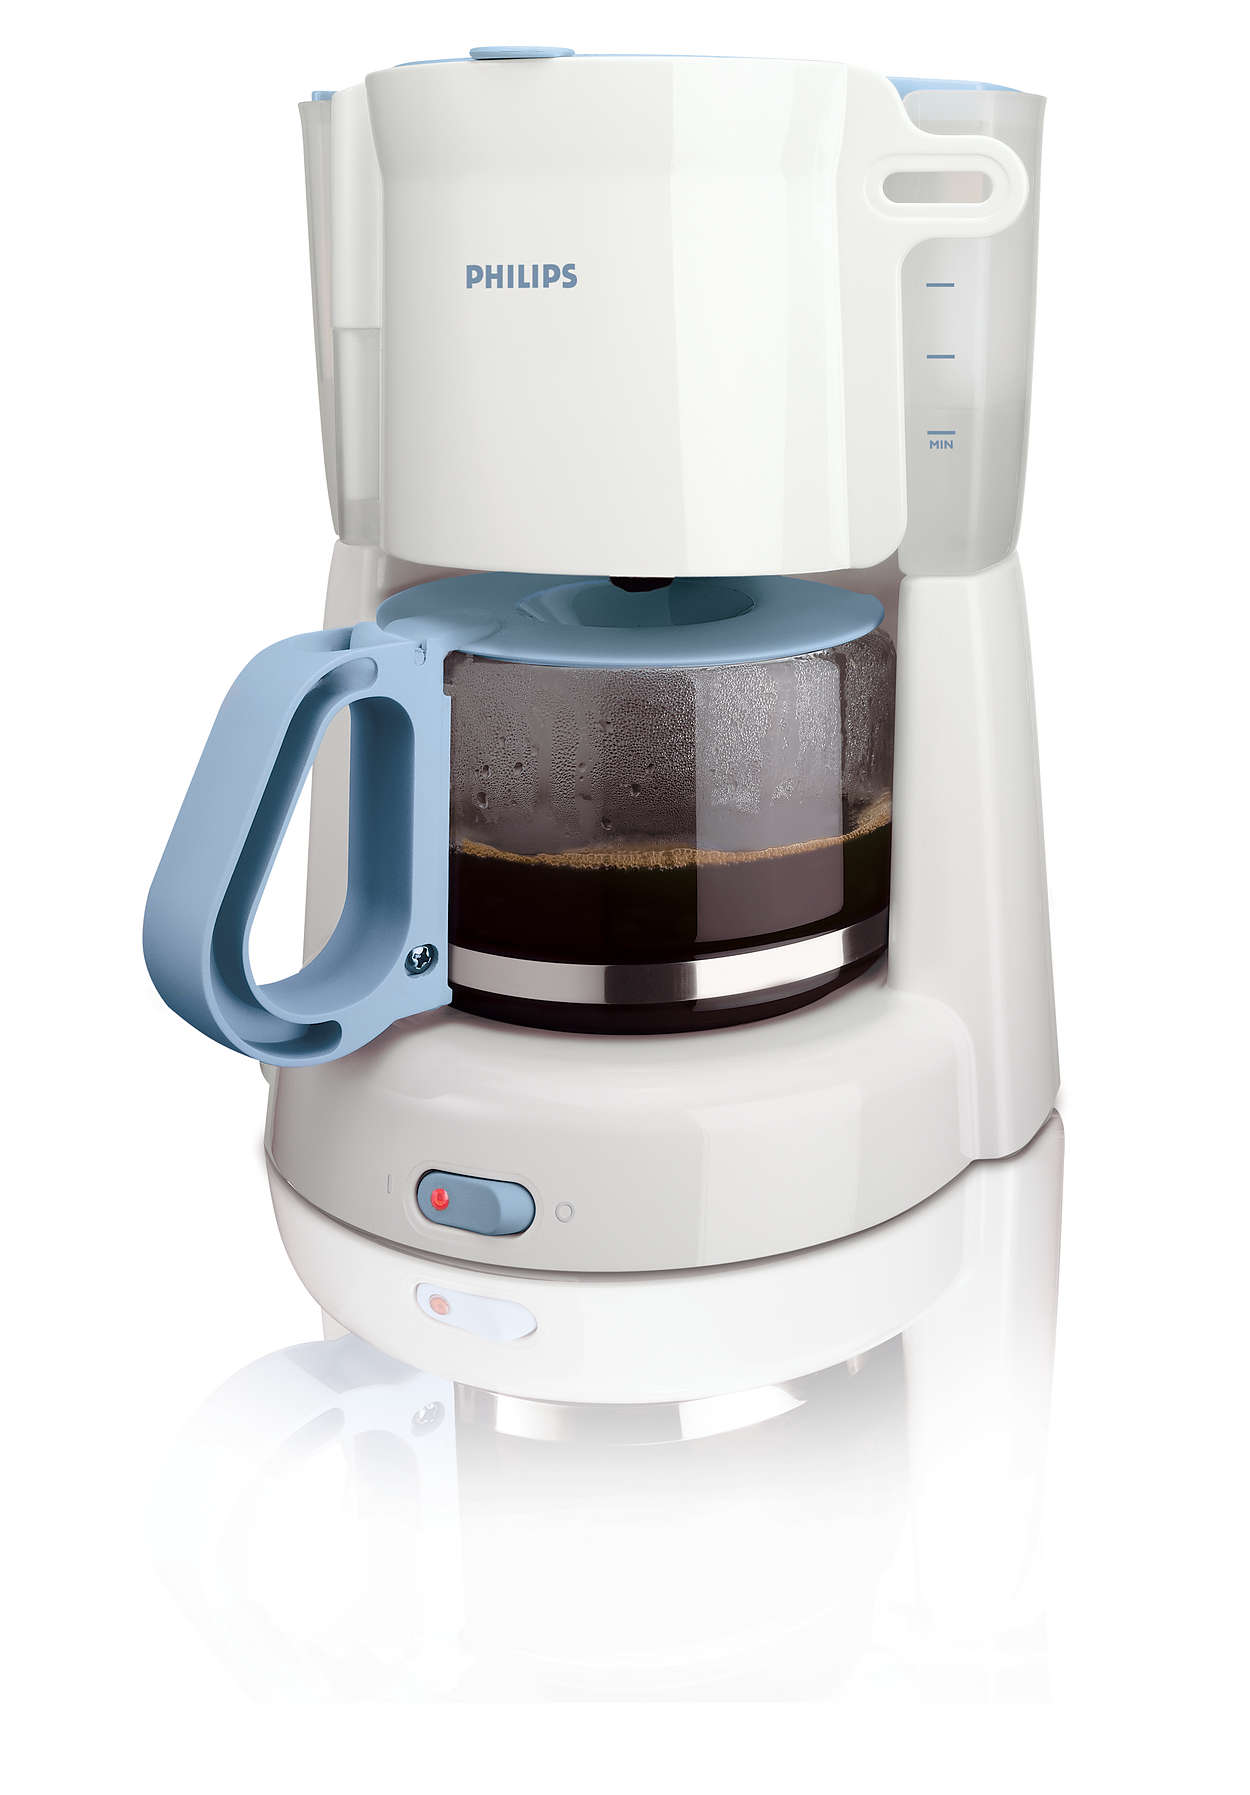 간편하게 만드는 맛있는 커피